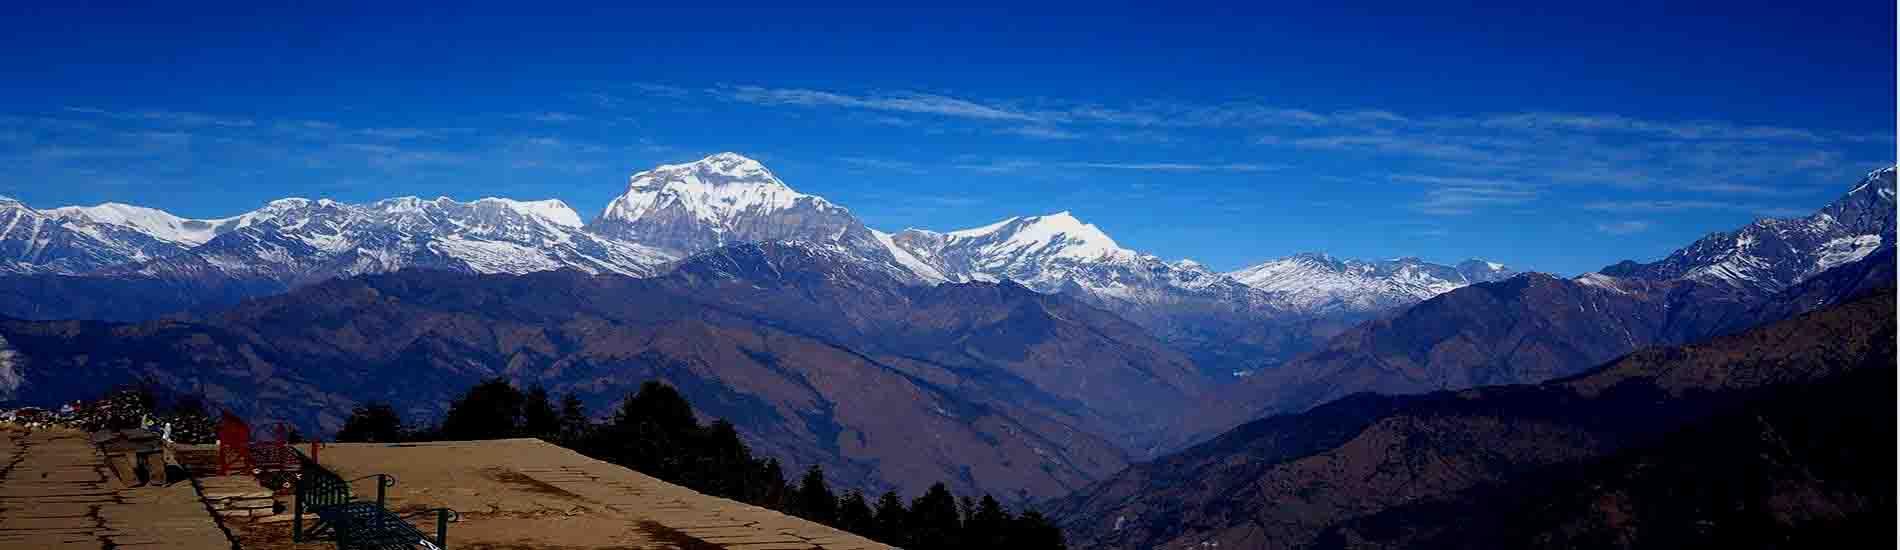 nepal trekking tours annapurna panorama reisen